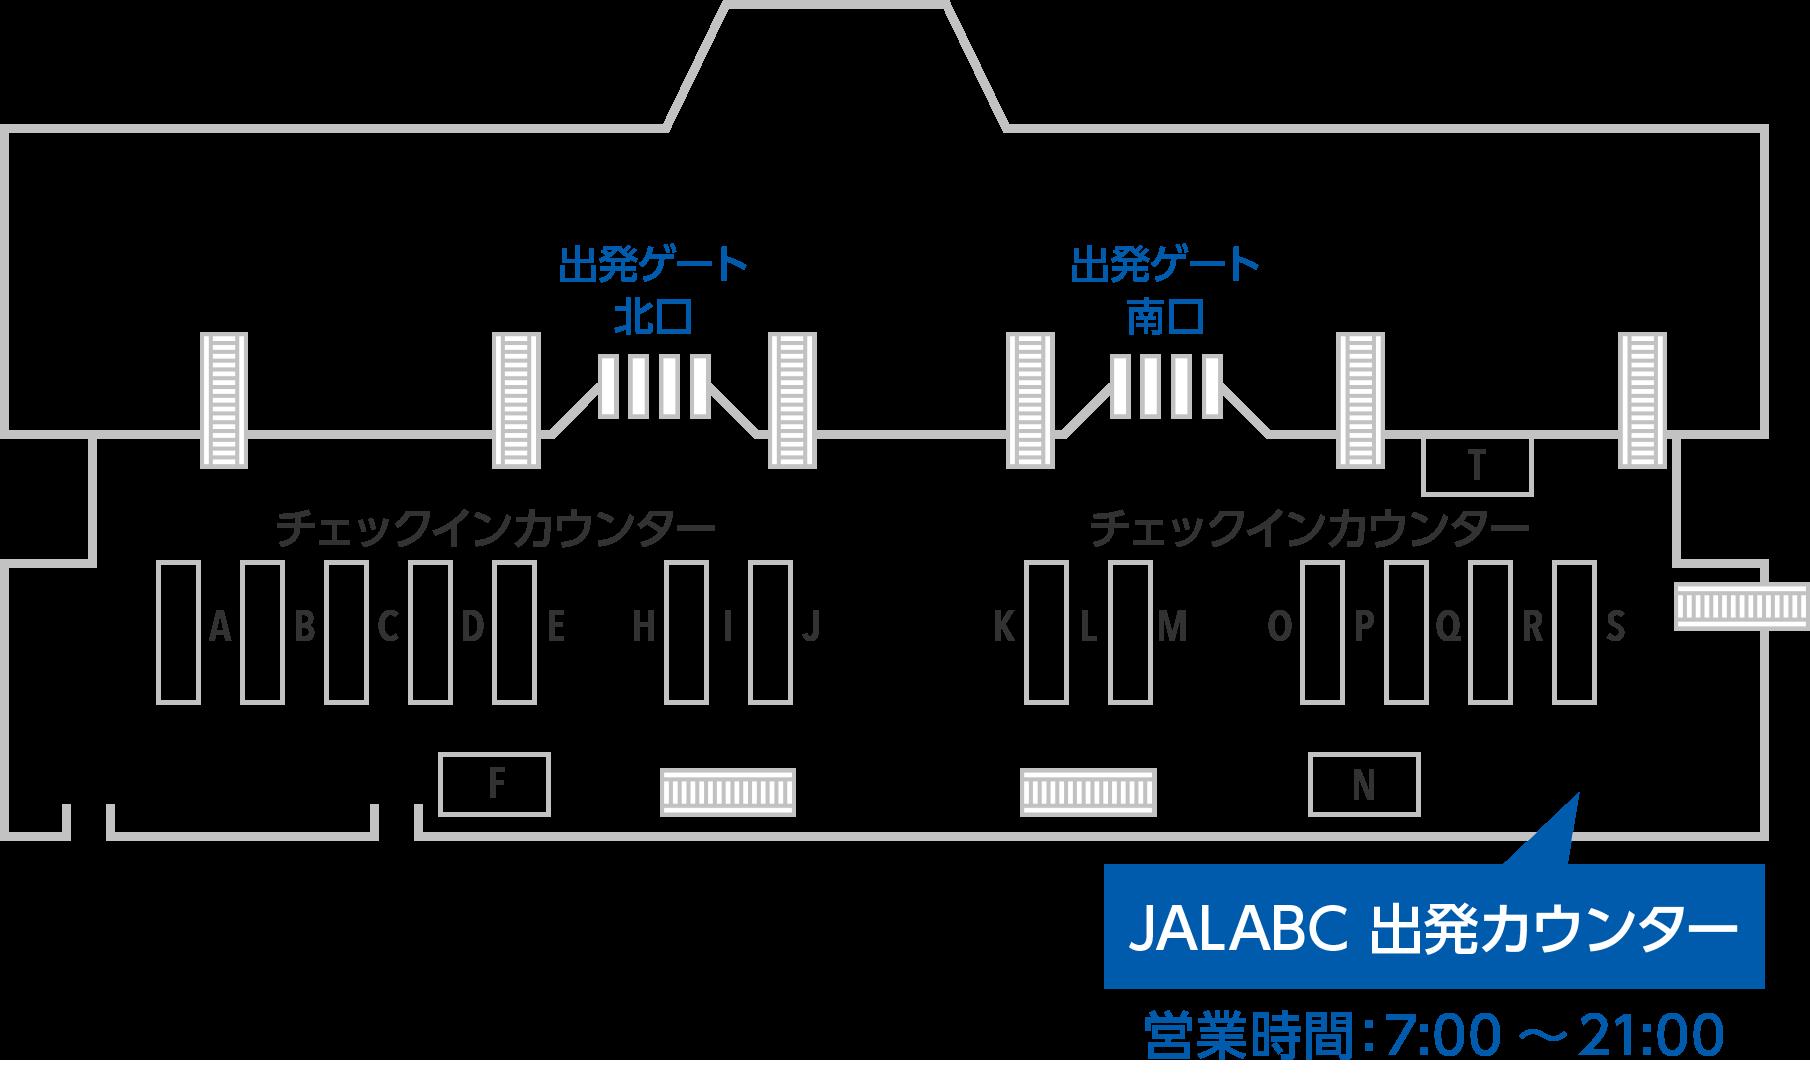 成田国際空港第2ターミナル